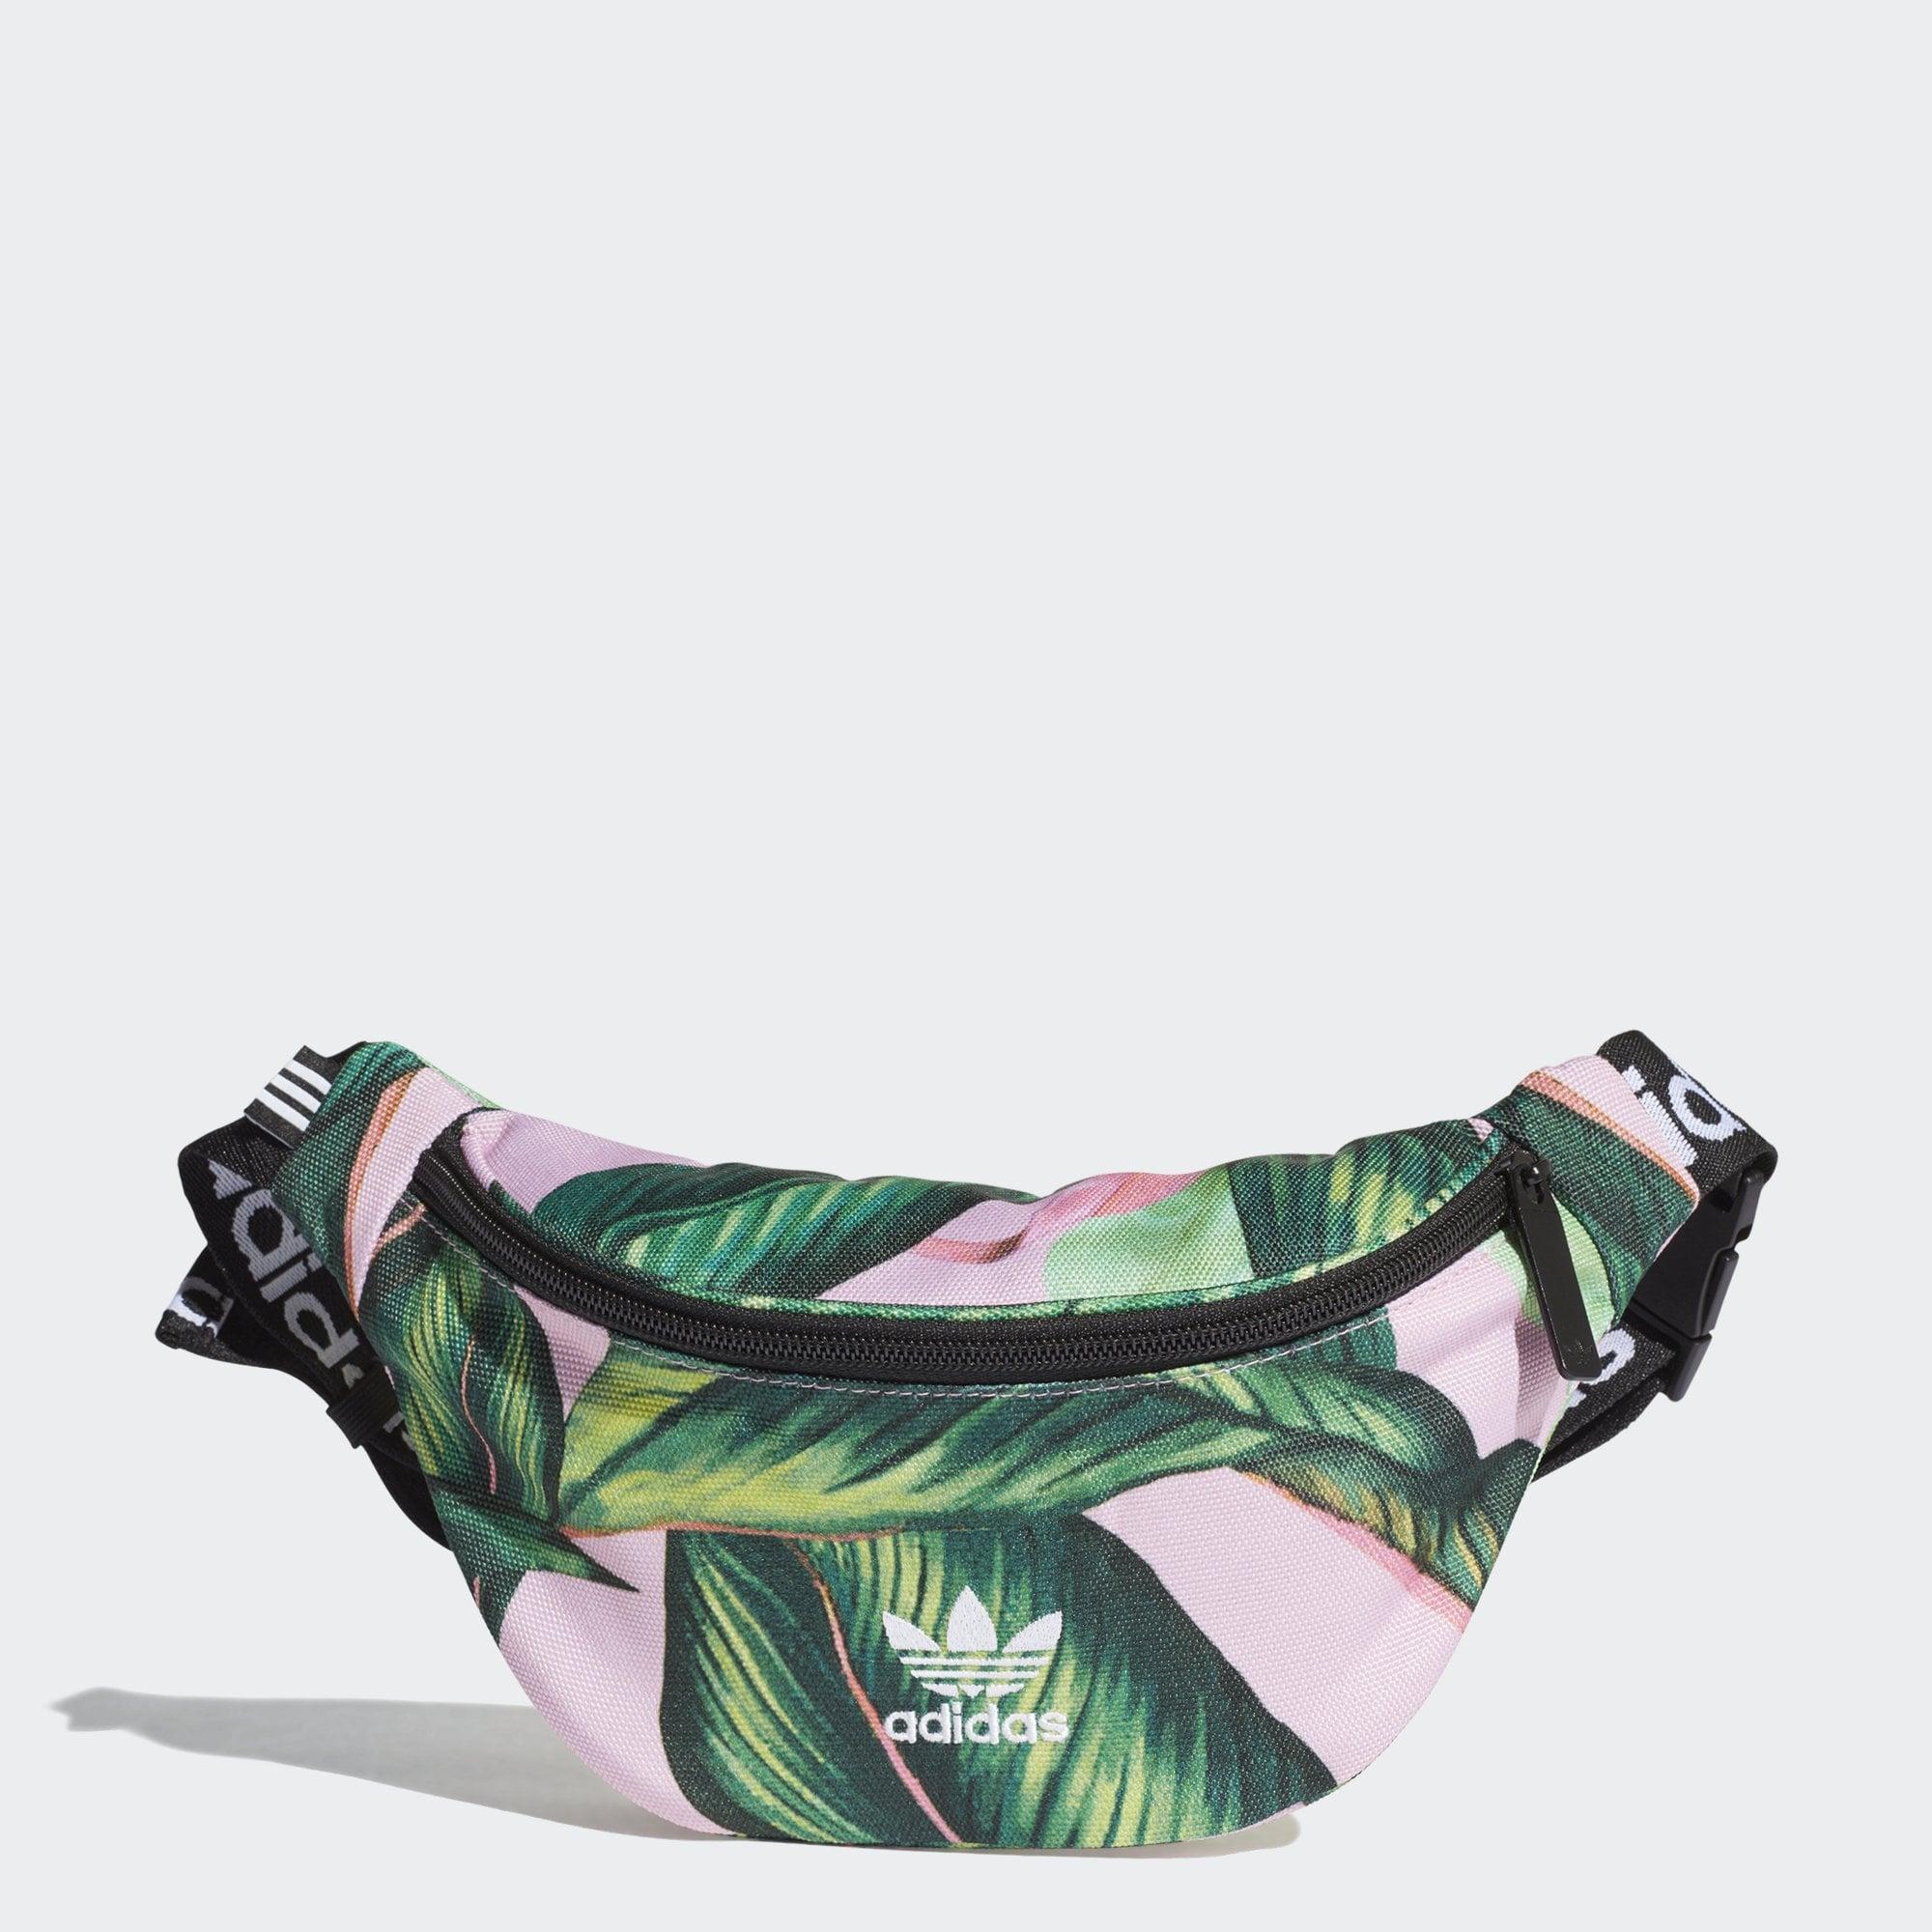 adidas bum bag womens